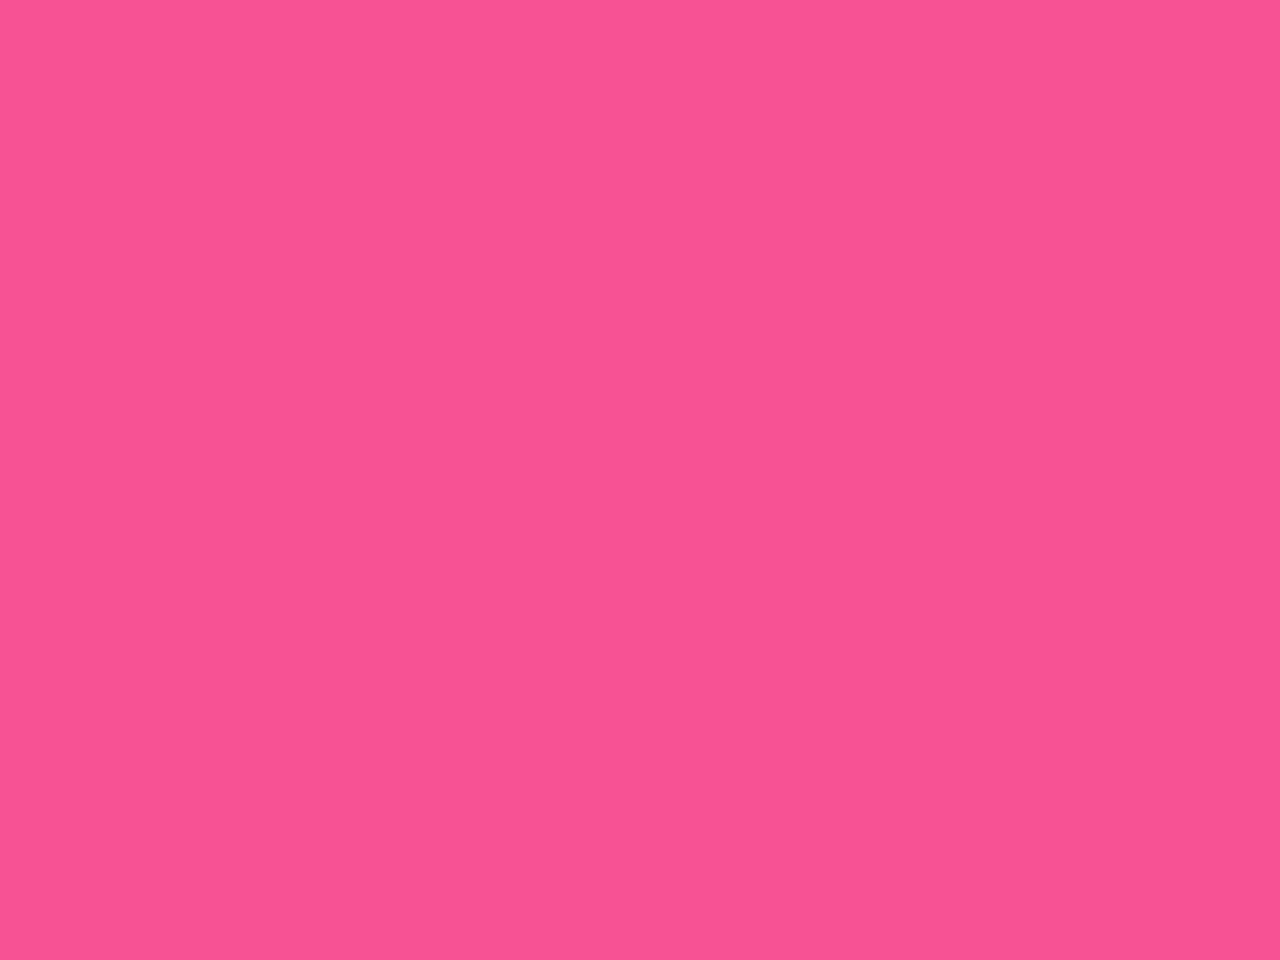 1280x960 Violet-red Solid Color Background